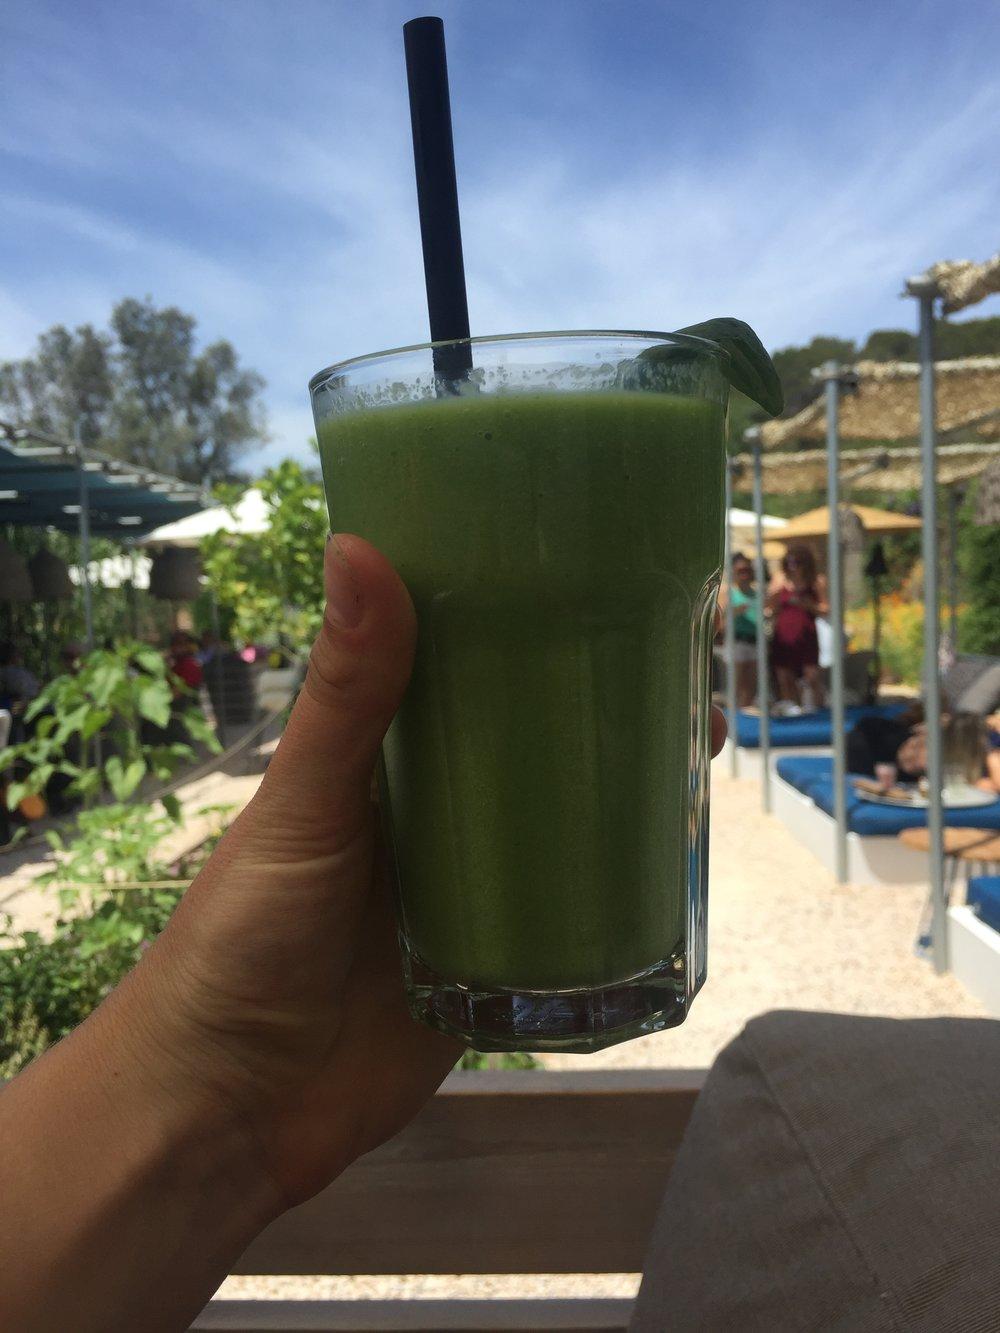 Green Smoothie at Giri Cafe